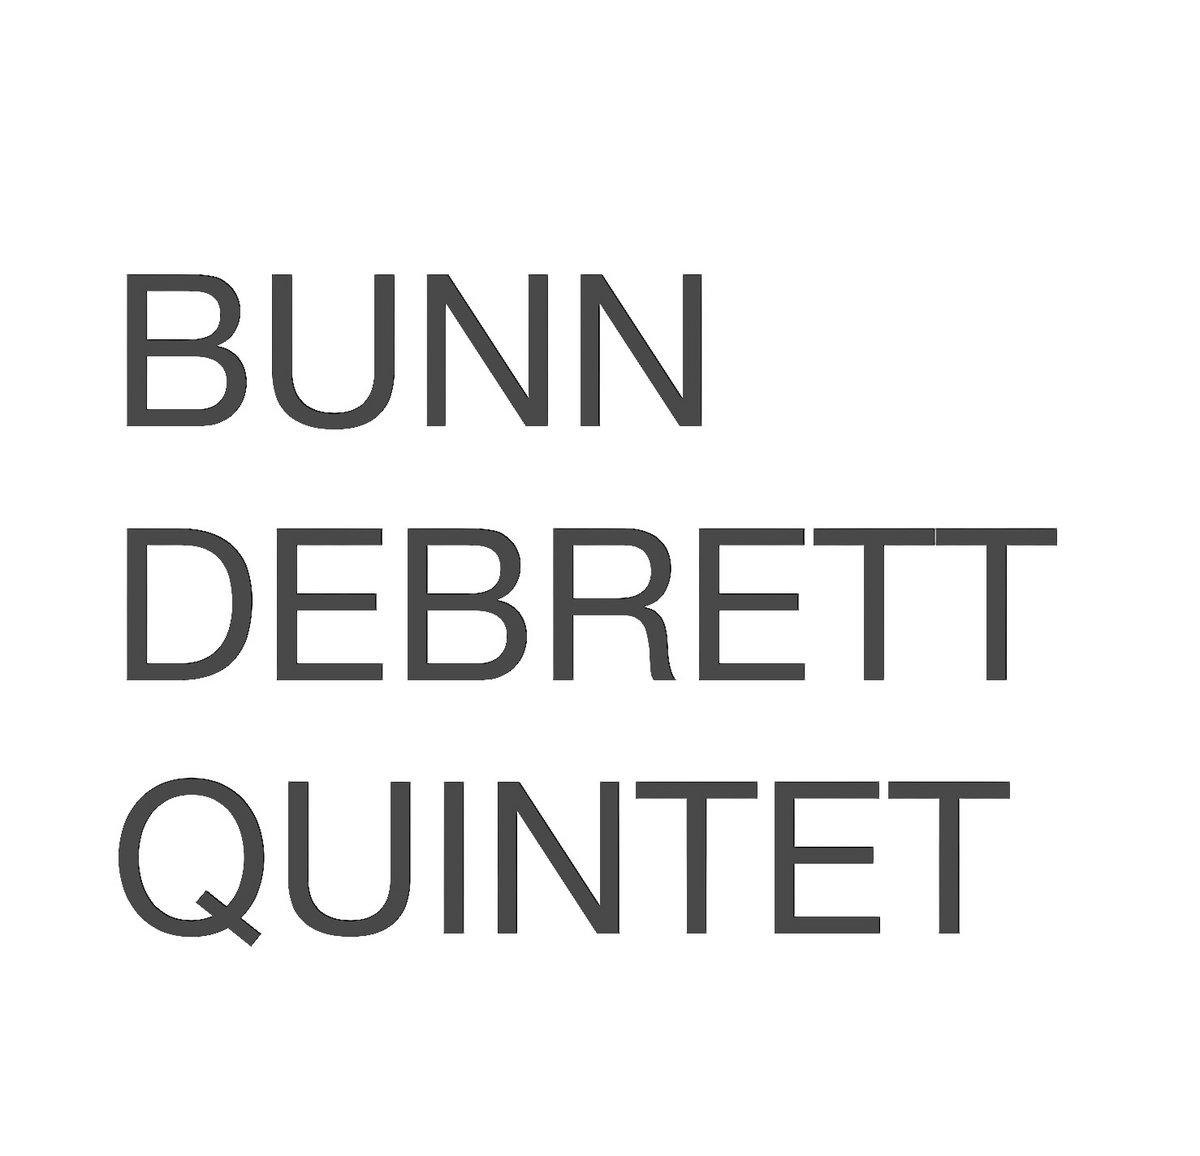 BunnDebrett Quintet | BunnDebrettQuintet